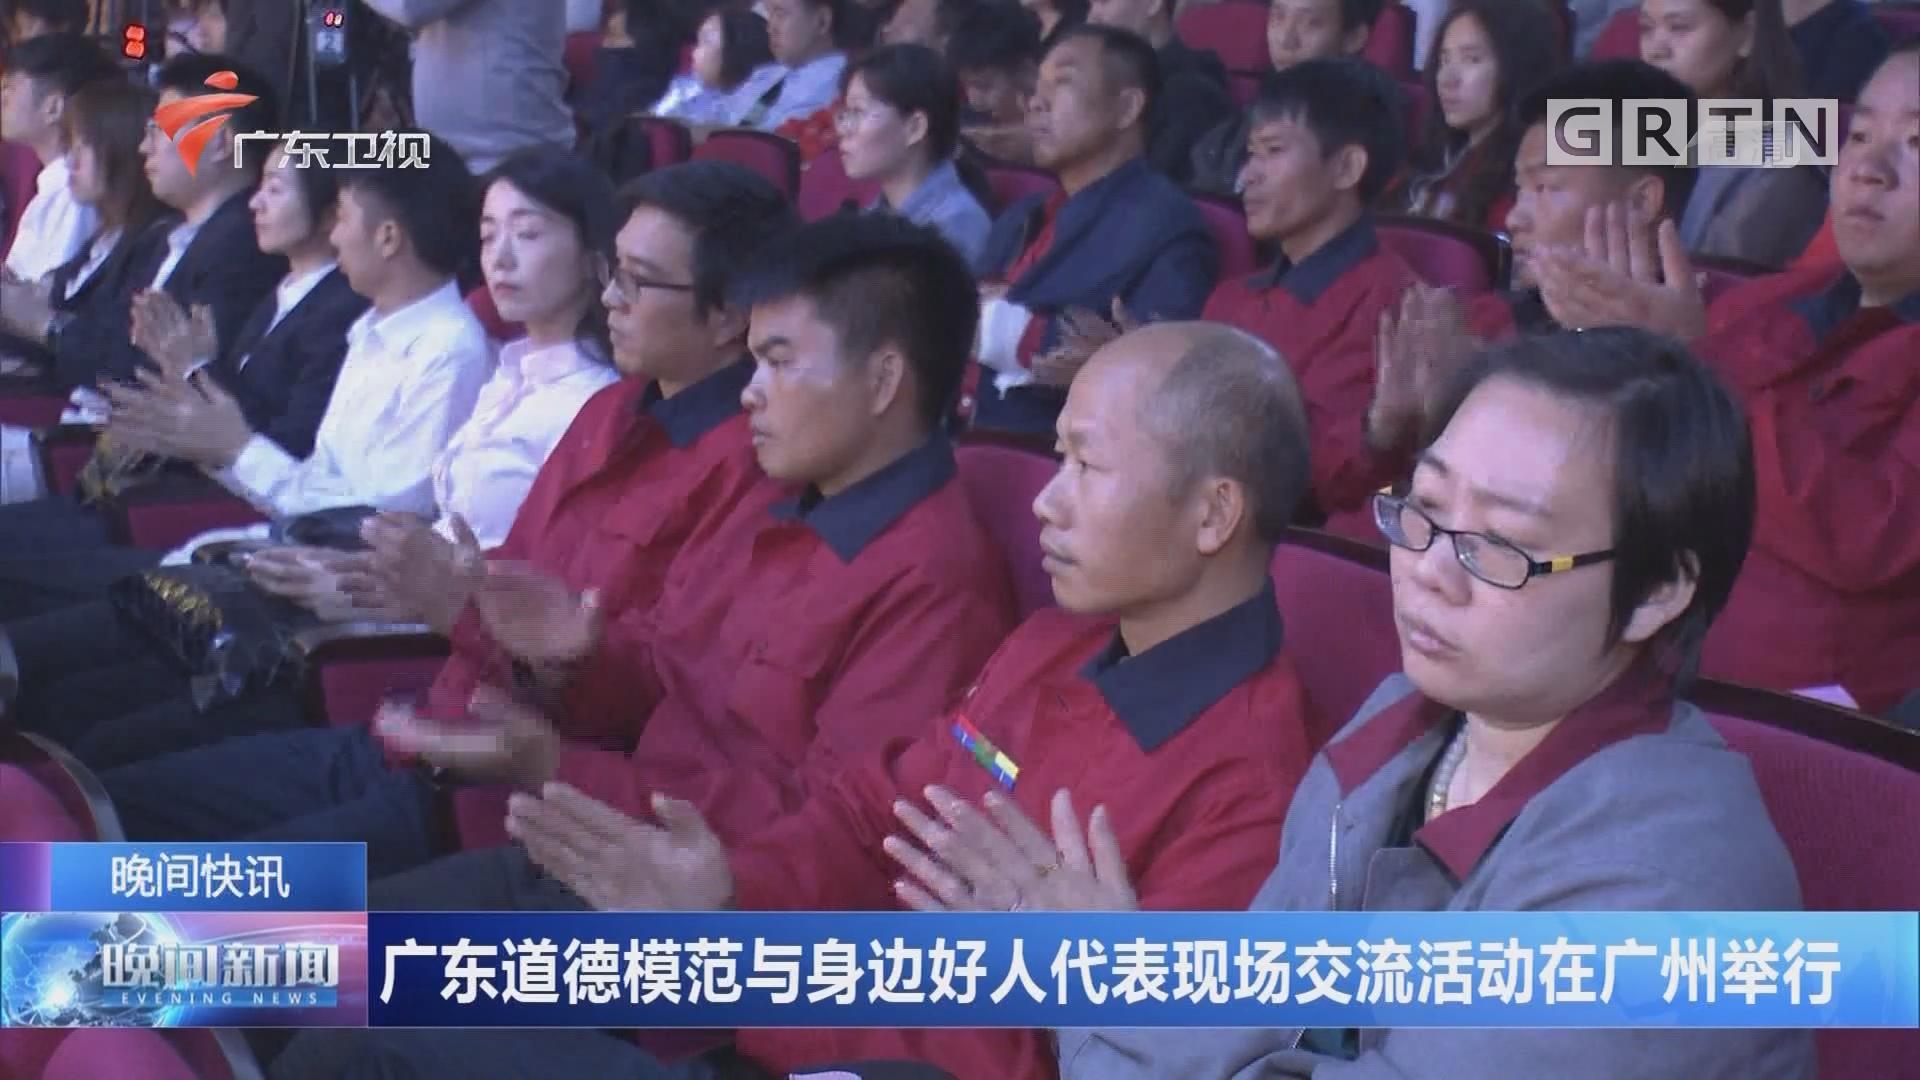 广东道德模范与身边好人代表现场交流活动在广州举行